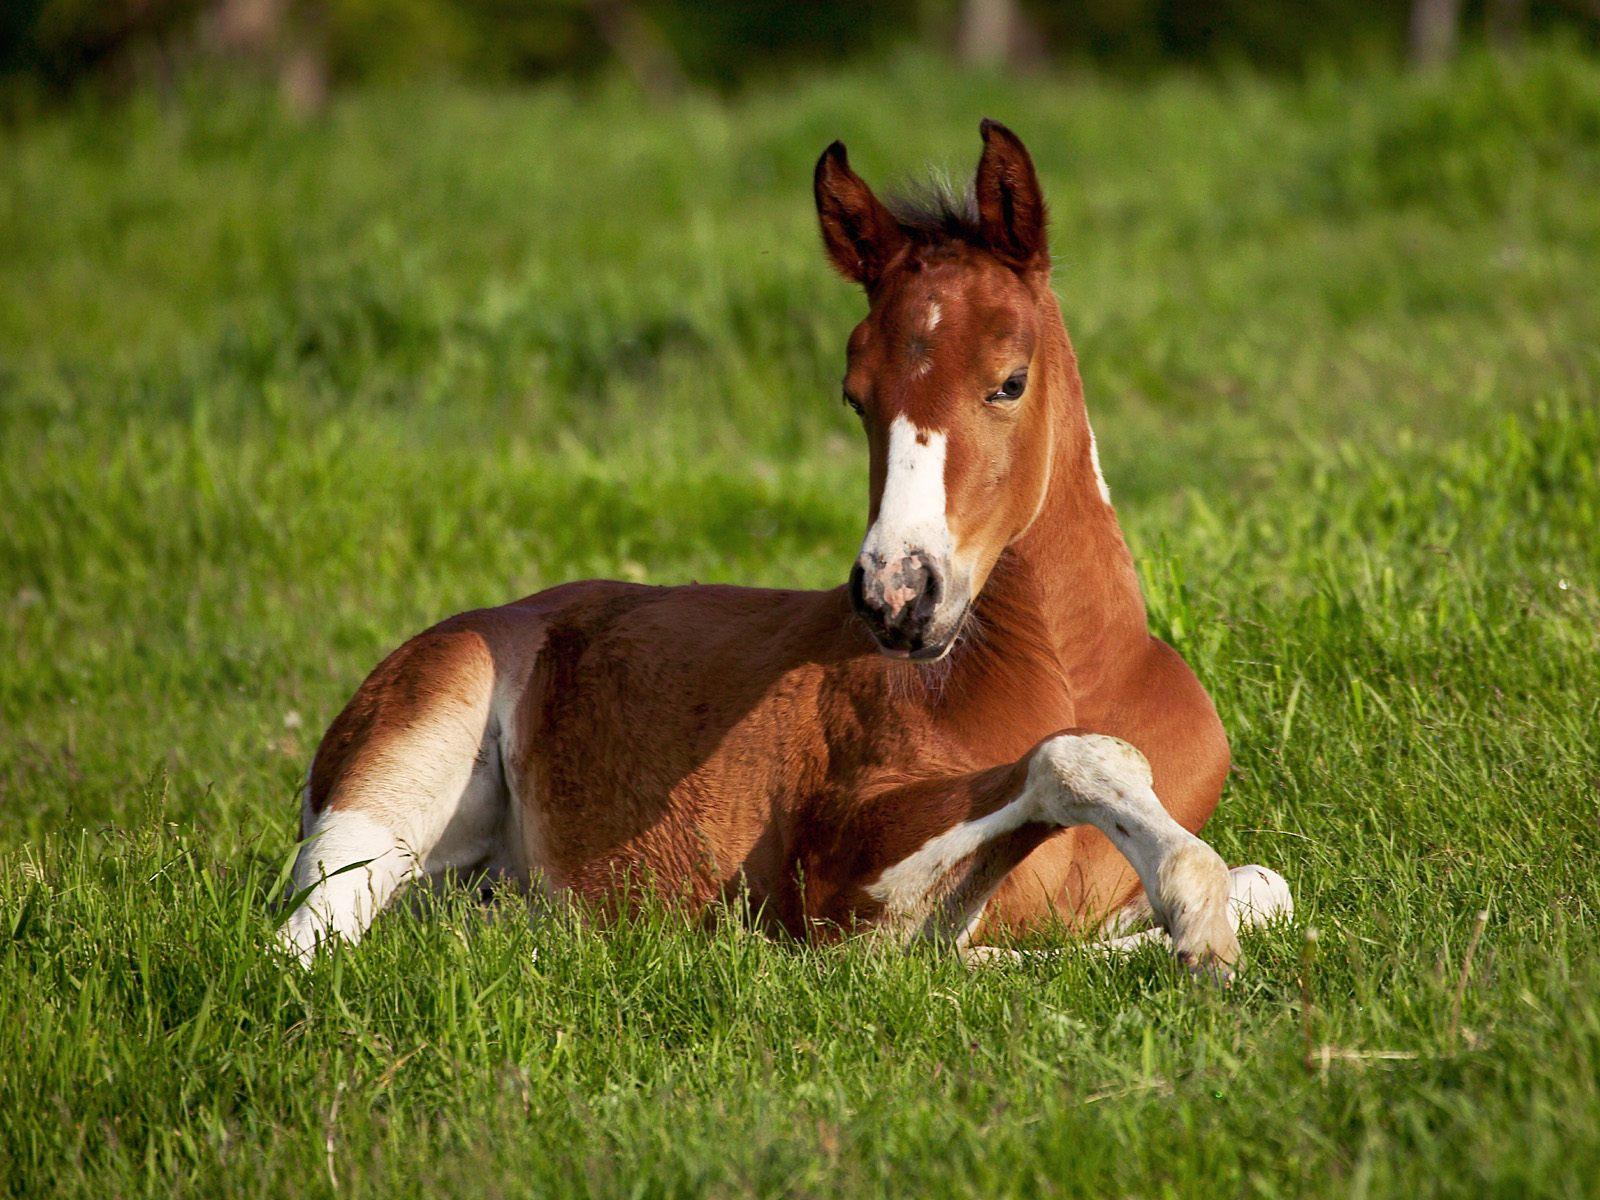 http://1.bp.blogspot.com/-5z56rbAeb7A/ThuQiQwnnvI/AAAAAAAABg8/a9_GvIM1ZXc/s1600/one-horse-power-having-a-rest-cute-little-horse-pictures-wallpapers.jpg